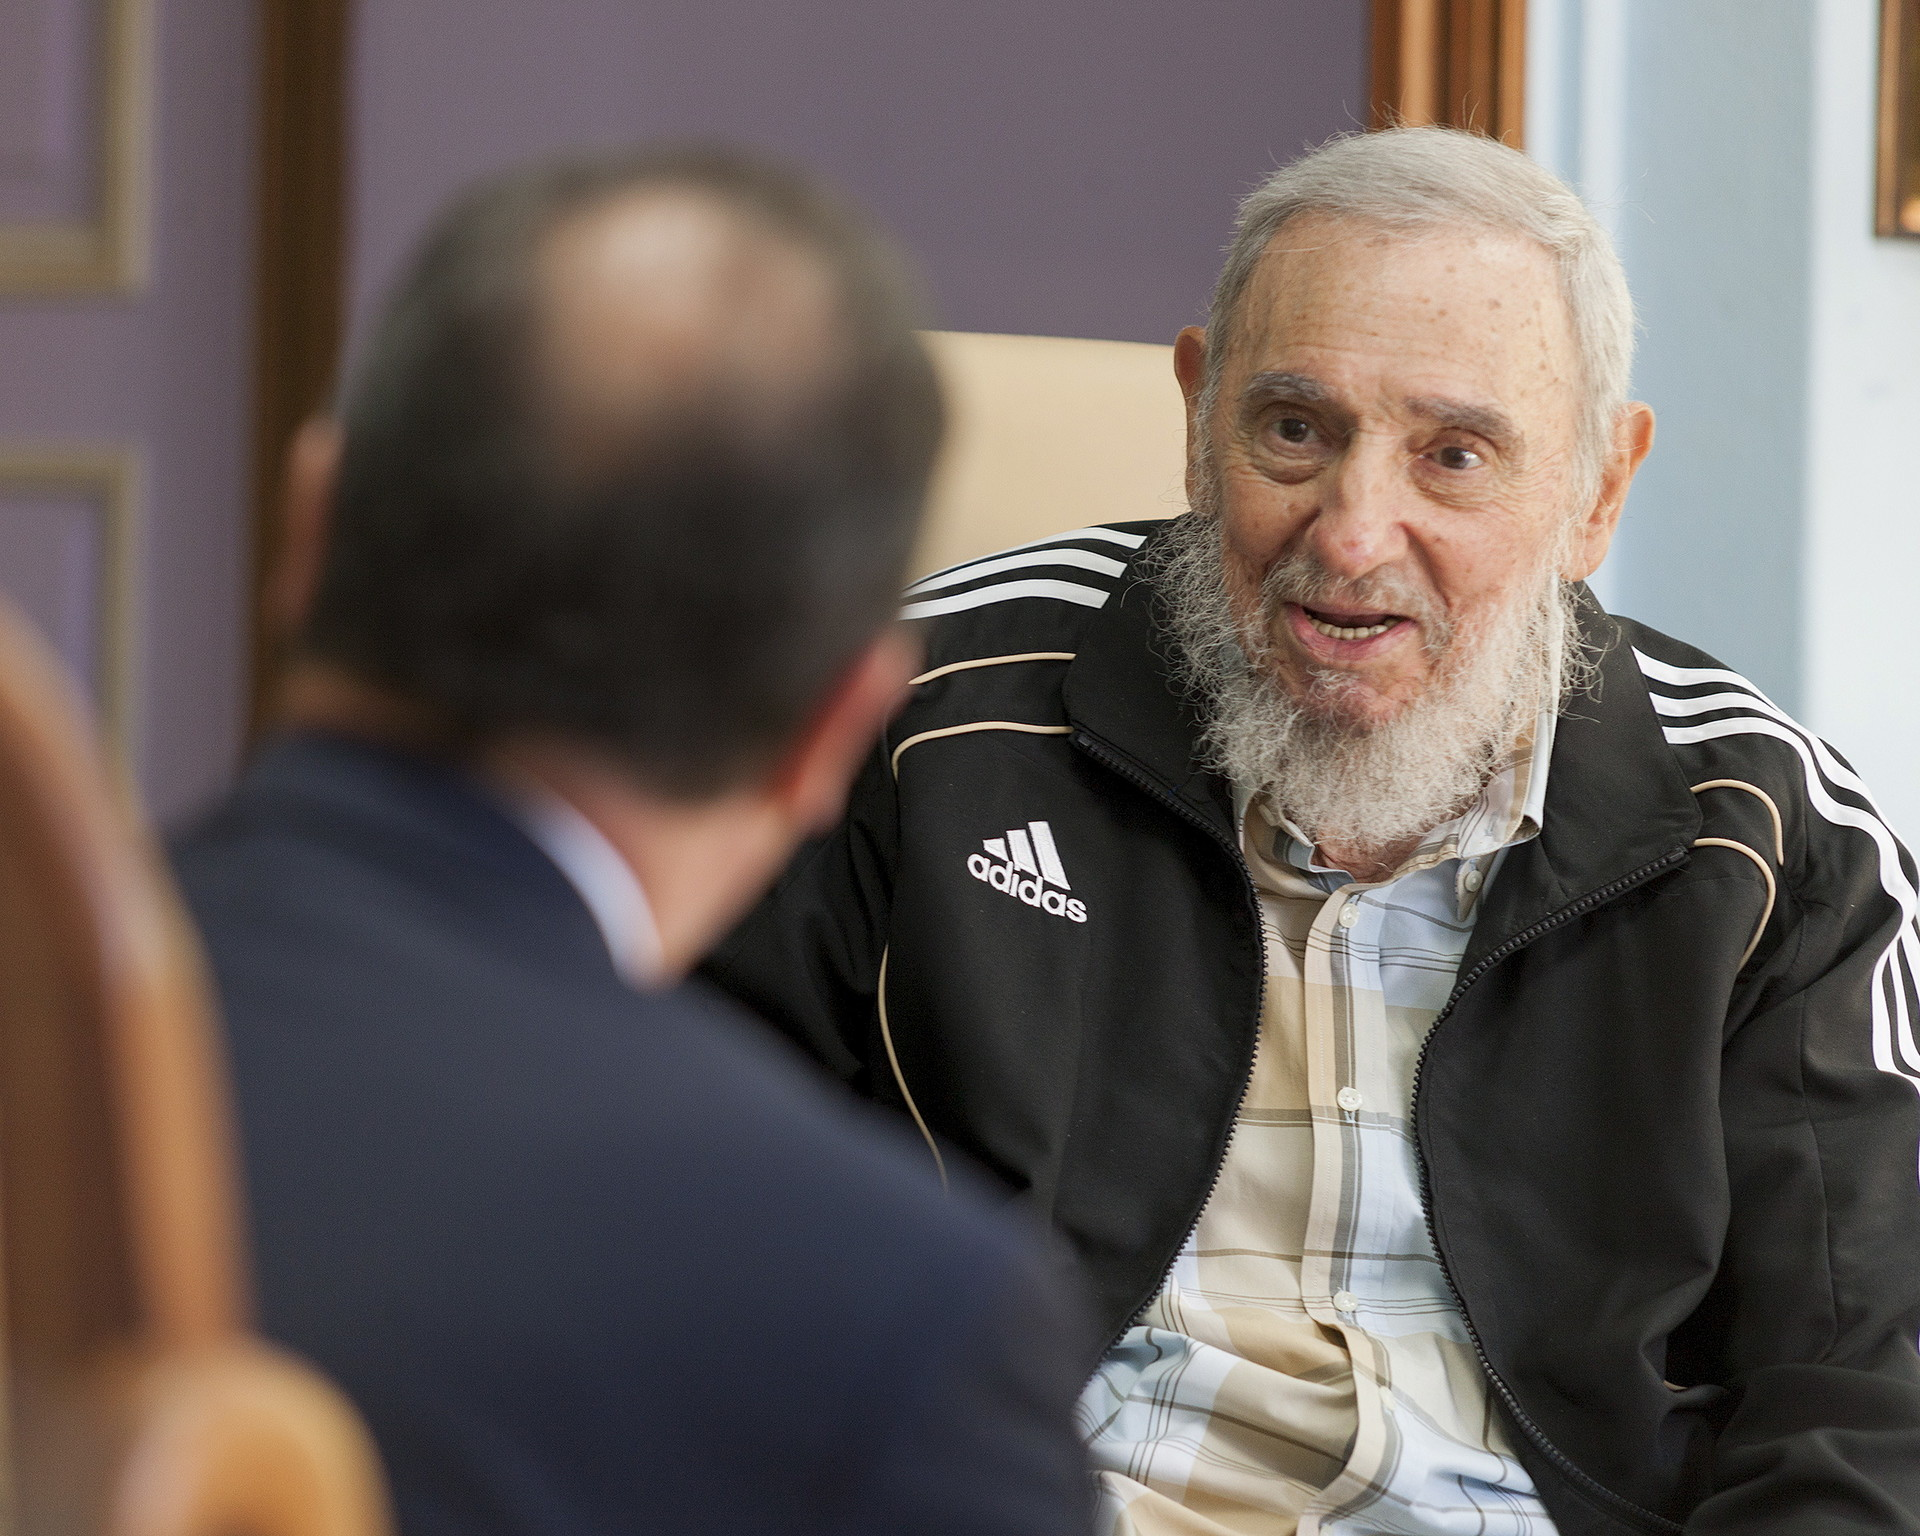 Publican las fotos de la reunión de Fidel Castro y François Hollande